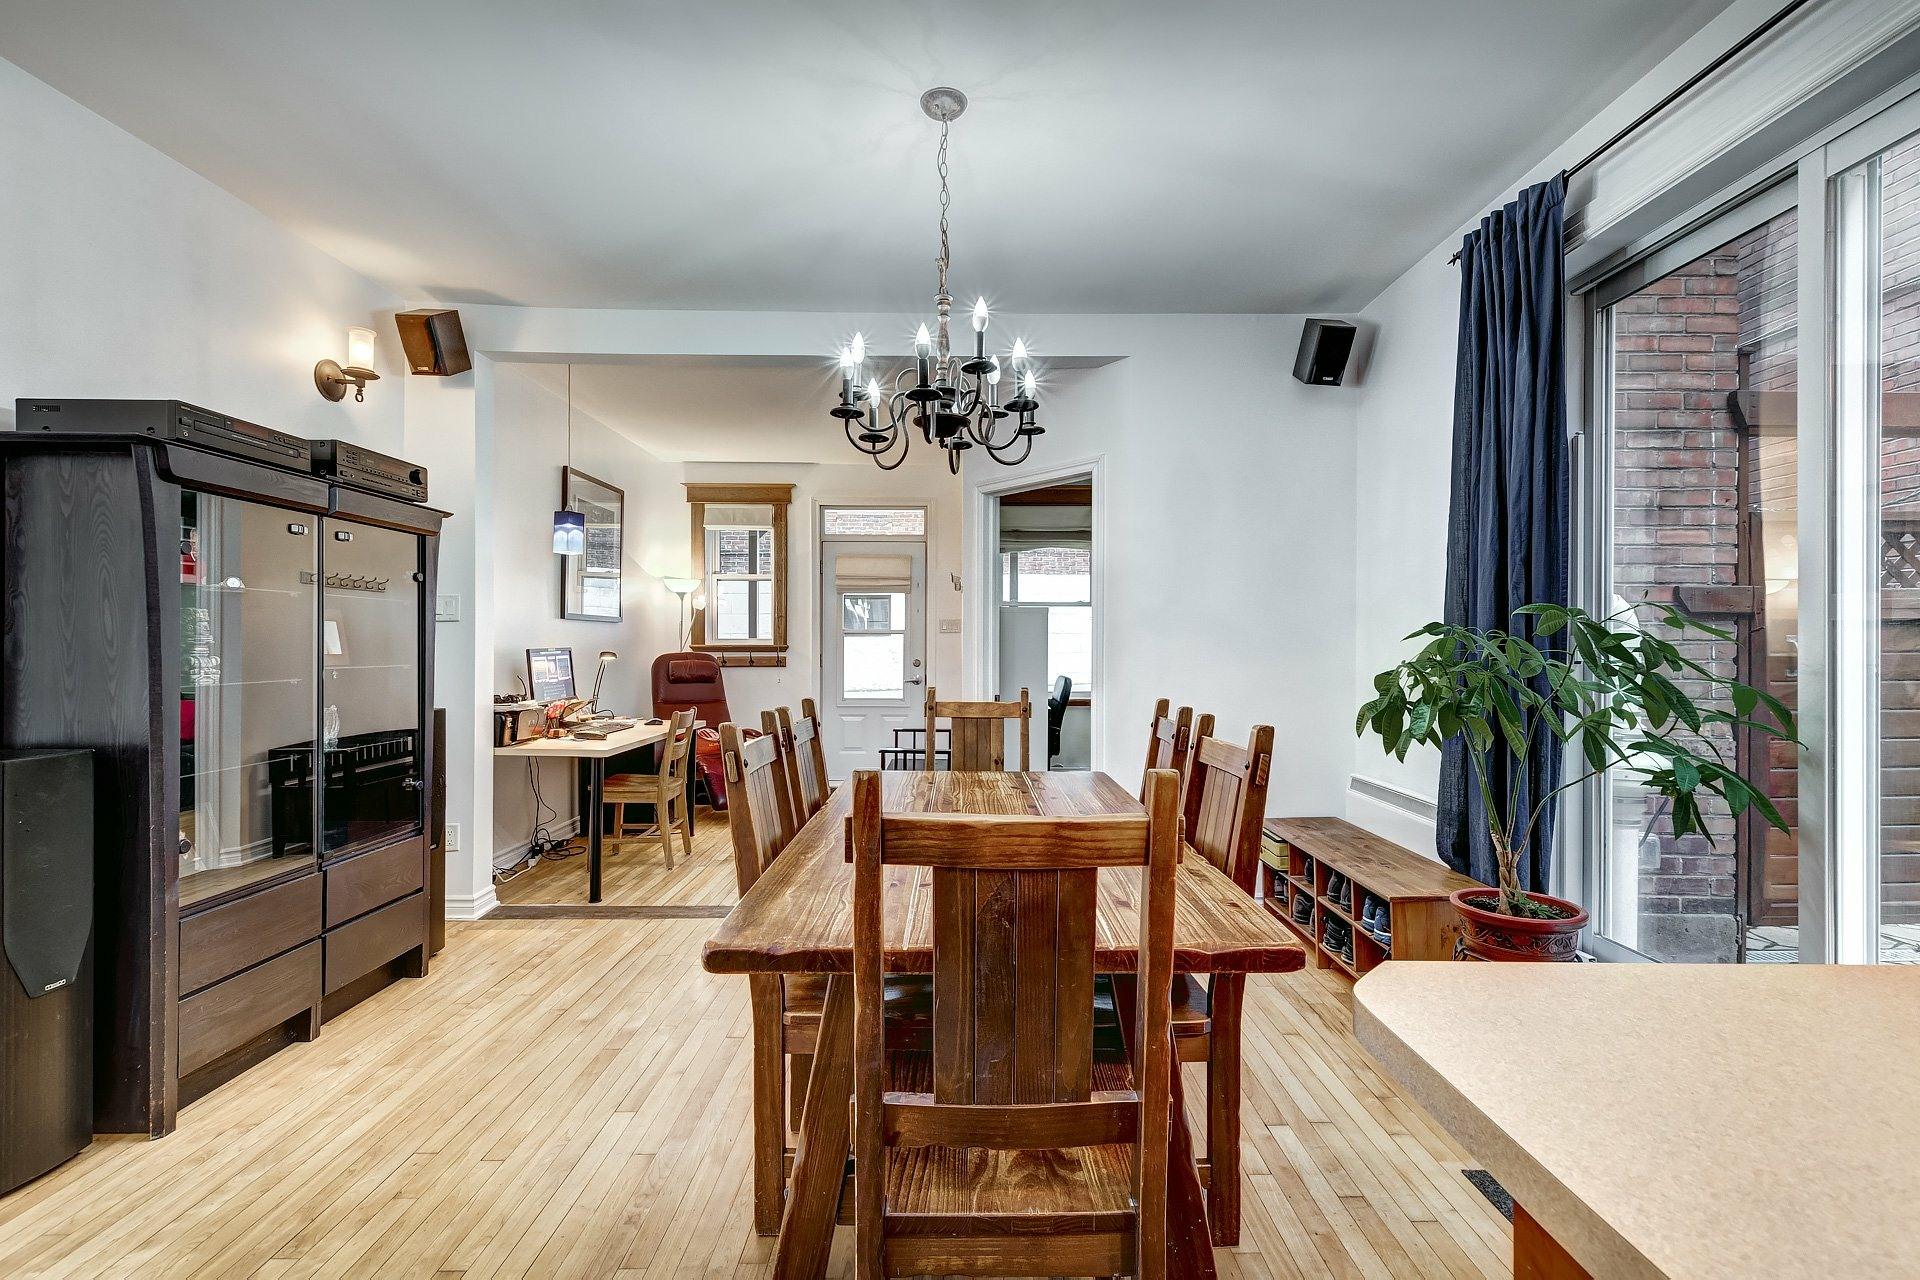 image 8 - Appartement À vendre Outremont Montréal  - 7 pièces